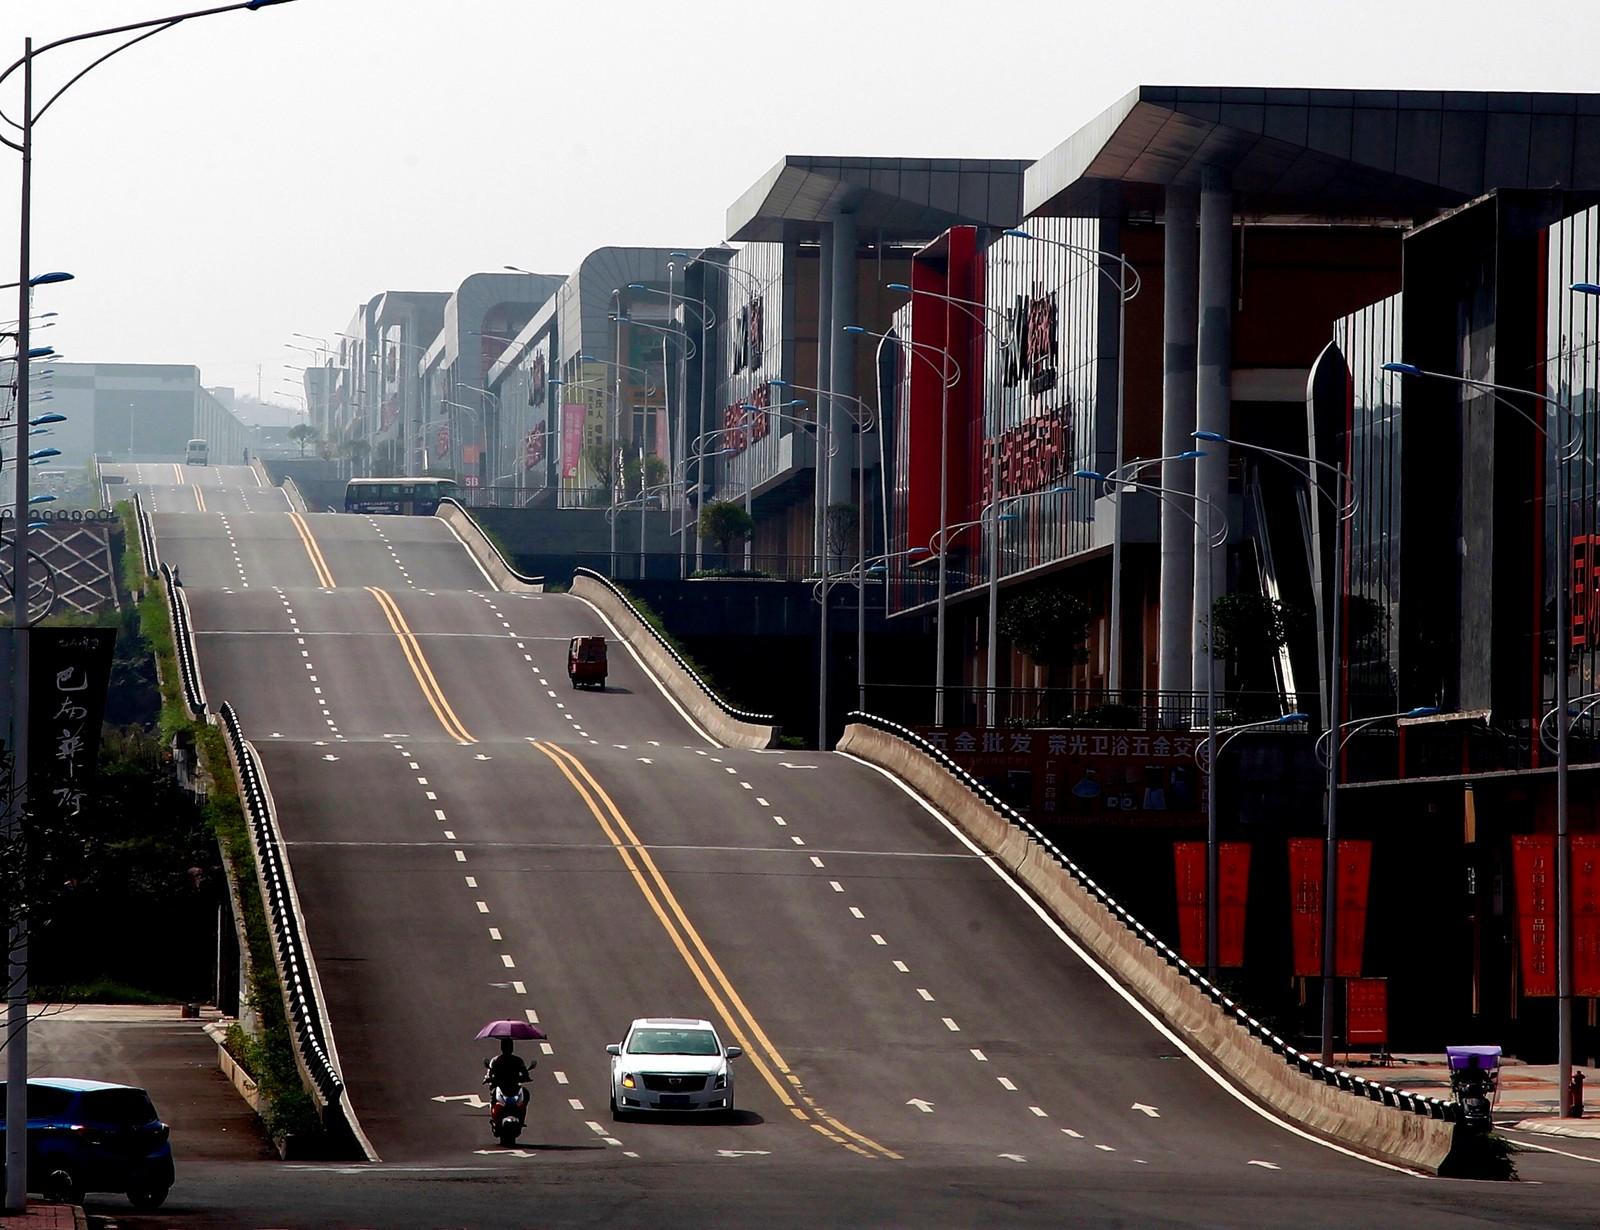 Denne veien i Chongqing i Kina kan nok få det til å kile litt i magen.